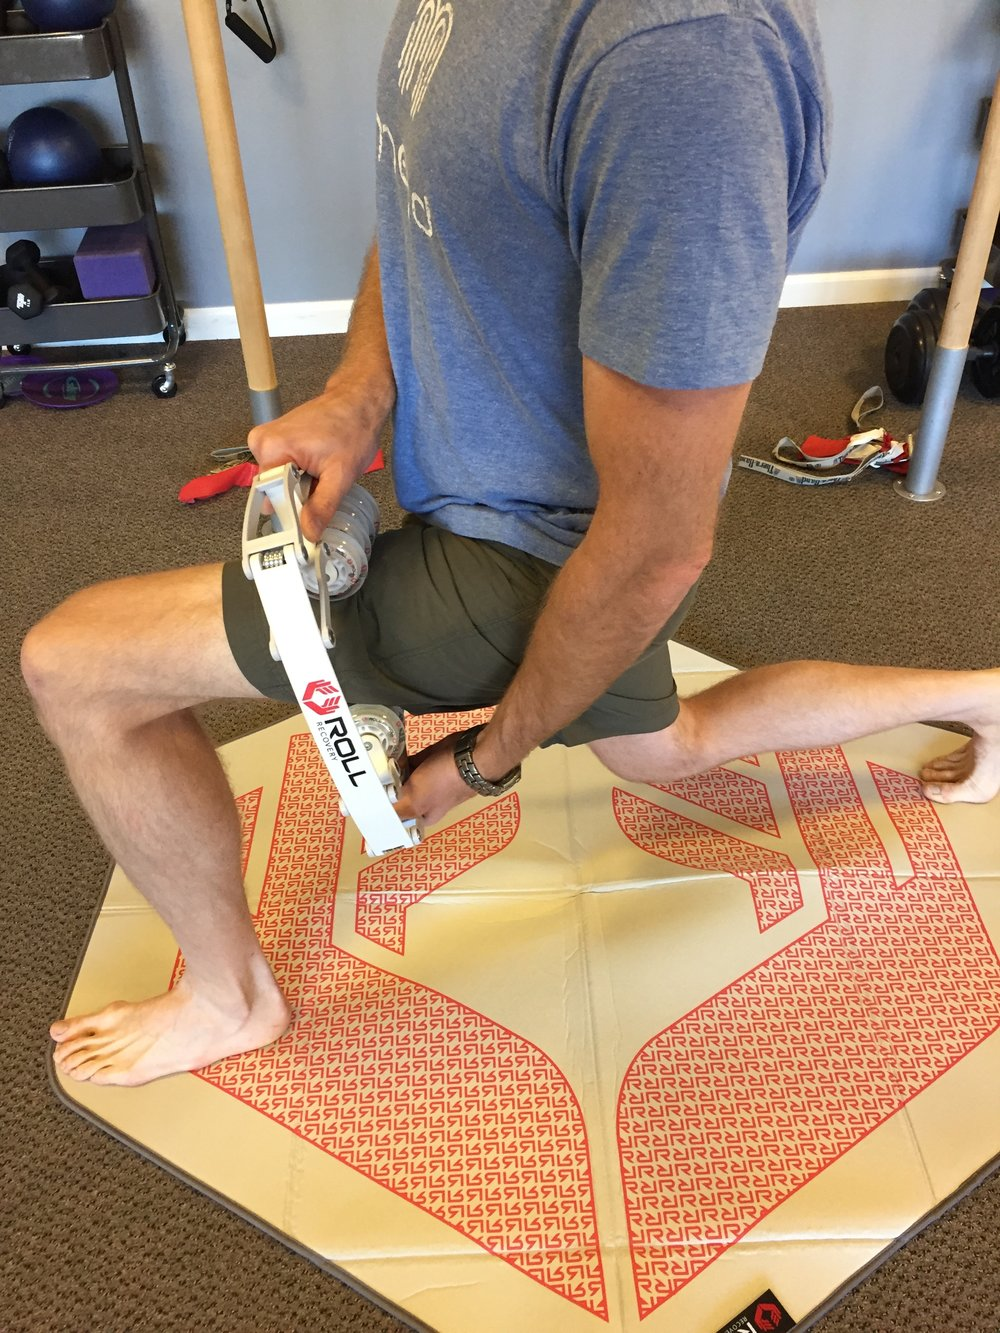 quadricep-quad-hamstring-foam roller-soft tissue mobilization